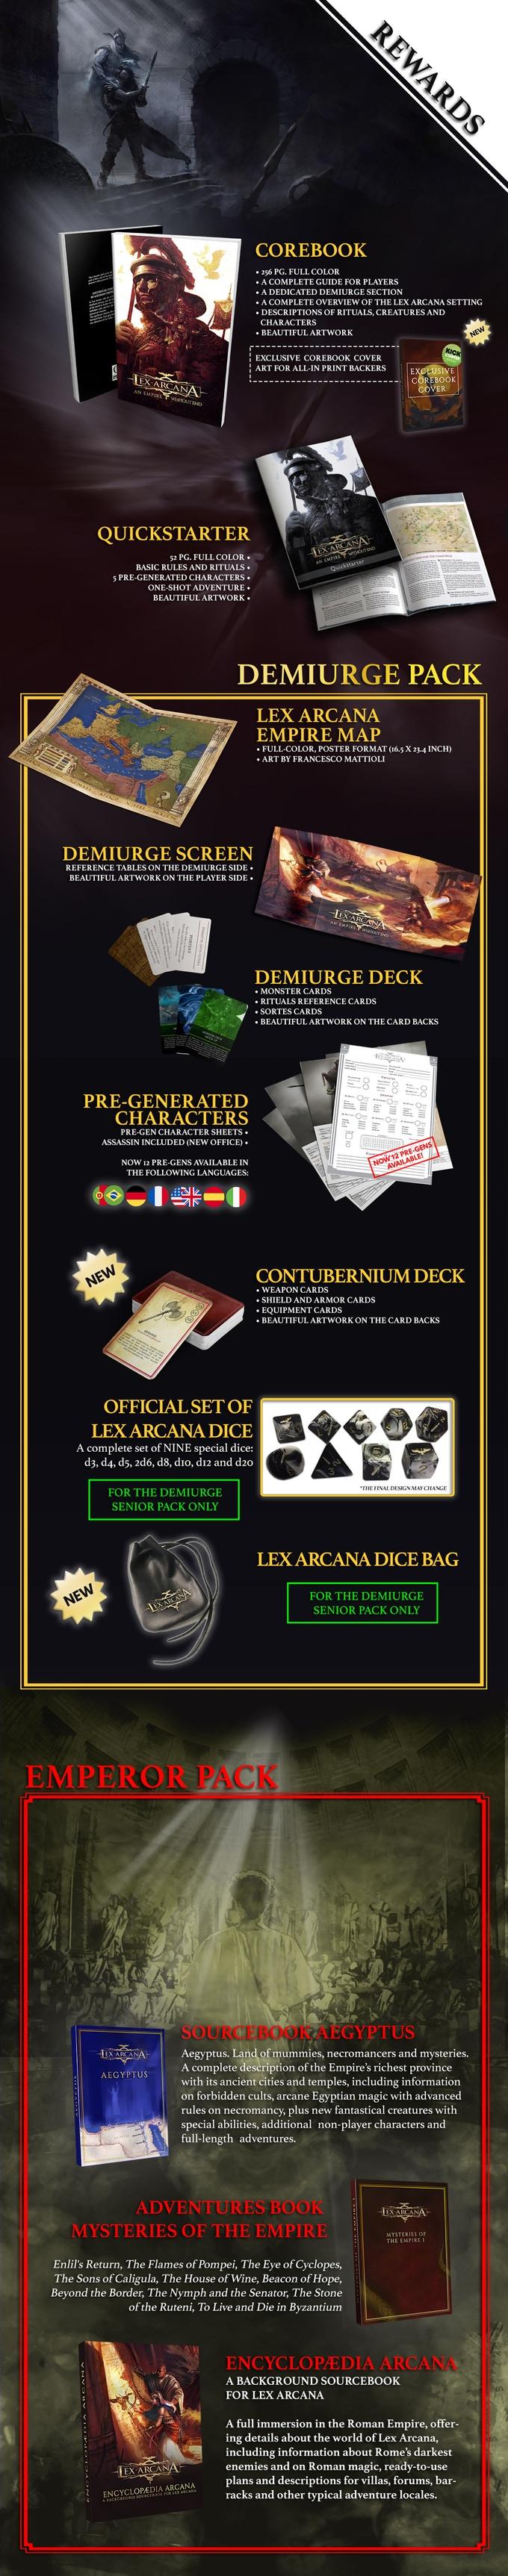 Lex Arcana kickstarter